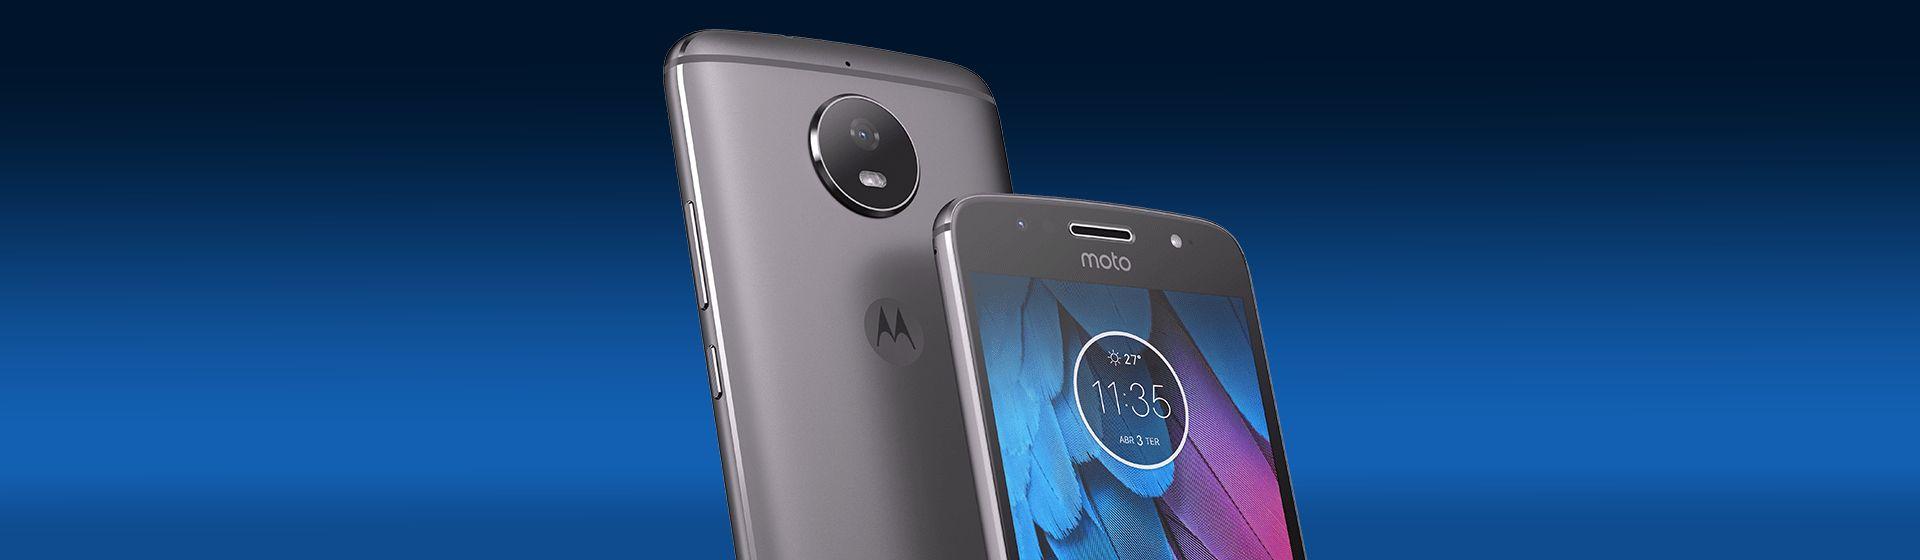 Moto G5S é bom? Leia a ficha técnica desse Motorola com boa bateria